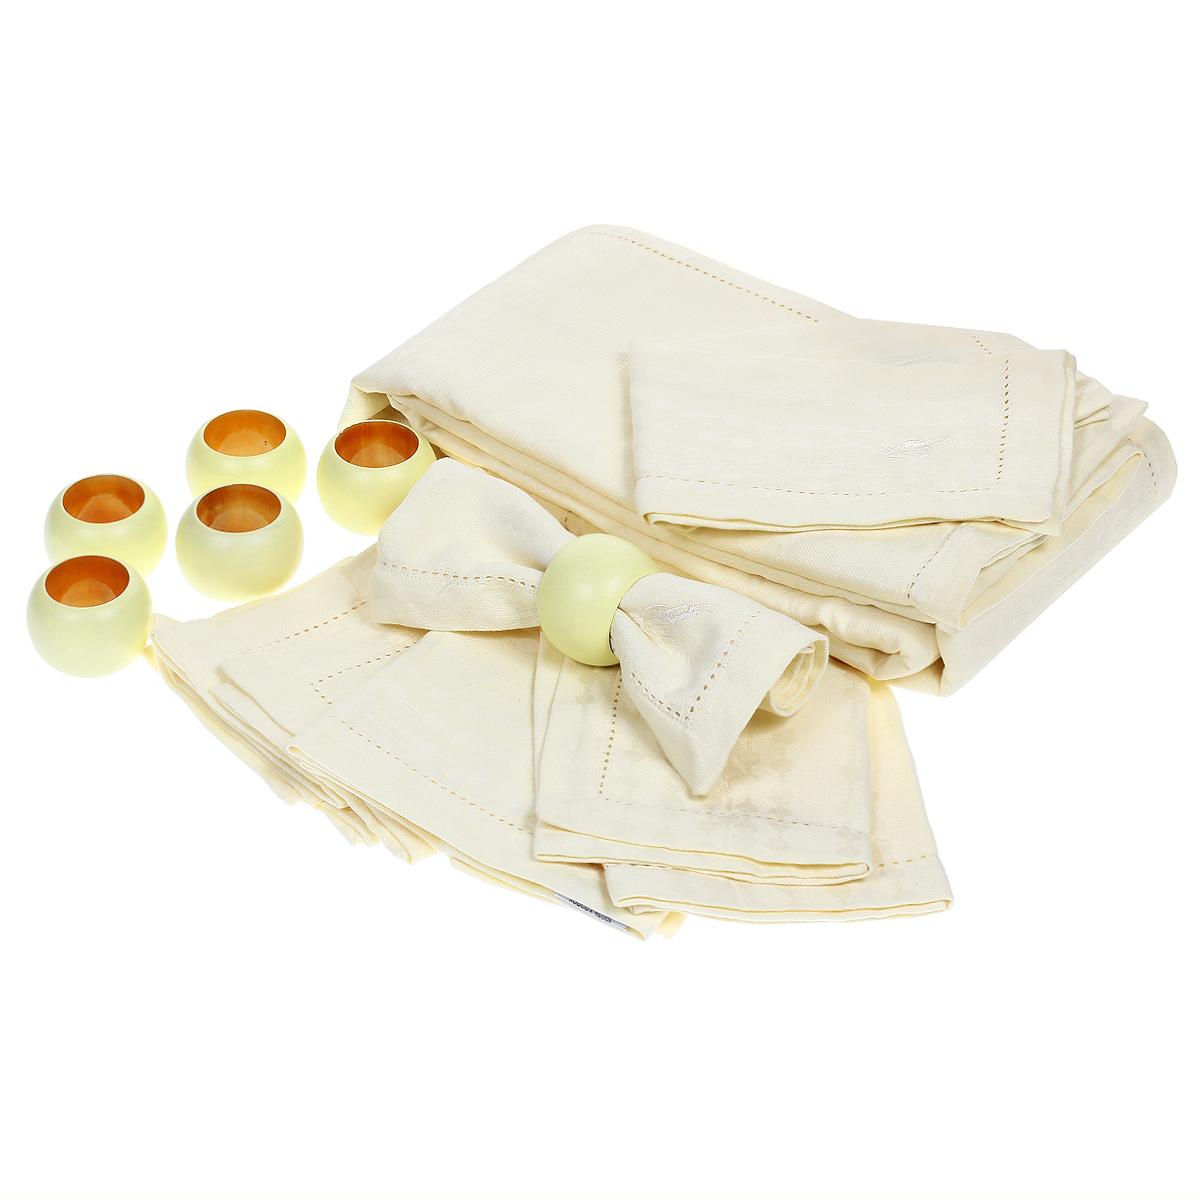 Набор для кухни Julia Vysotskaya, цвет: слоновая кость, 13 предметов2014-74Набор для кухни Julia Vysotskaya состоит из 13 предметов: скатерть, 6 салфеток. 6 колец для салфеток. Скатерть и салфетки выполнены из жаккарда, кольца для салфеток - из дерева. Изделия из жаккарда уже давно стали известны всему миру не только своей прочностью и износостойкостью, но и элегантным, благородным внешним видом. Такой материал прослужит Вам не один десяток лет. Изделия имеют тефлоновое покрытие, можно поставить даже раскаленную сковороду и изделие останется целым. На всех изделиях коллекции есть не только логотип Julia Vysotskaya, но и сорока, которая является гербом поместья Юлии в Тоскане. Высочайшее качество материала гарантирует безопасность не только взрослых, но и самых маленьких членов семьи. С этим набором ваша кухня станет оригинальной и яркой Современный декоративный текстиль для дома должен быть экологически чистым продуктом и отличаться интересным и современным дизайном. Именно поэтому продукция Julia...